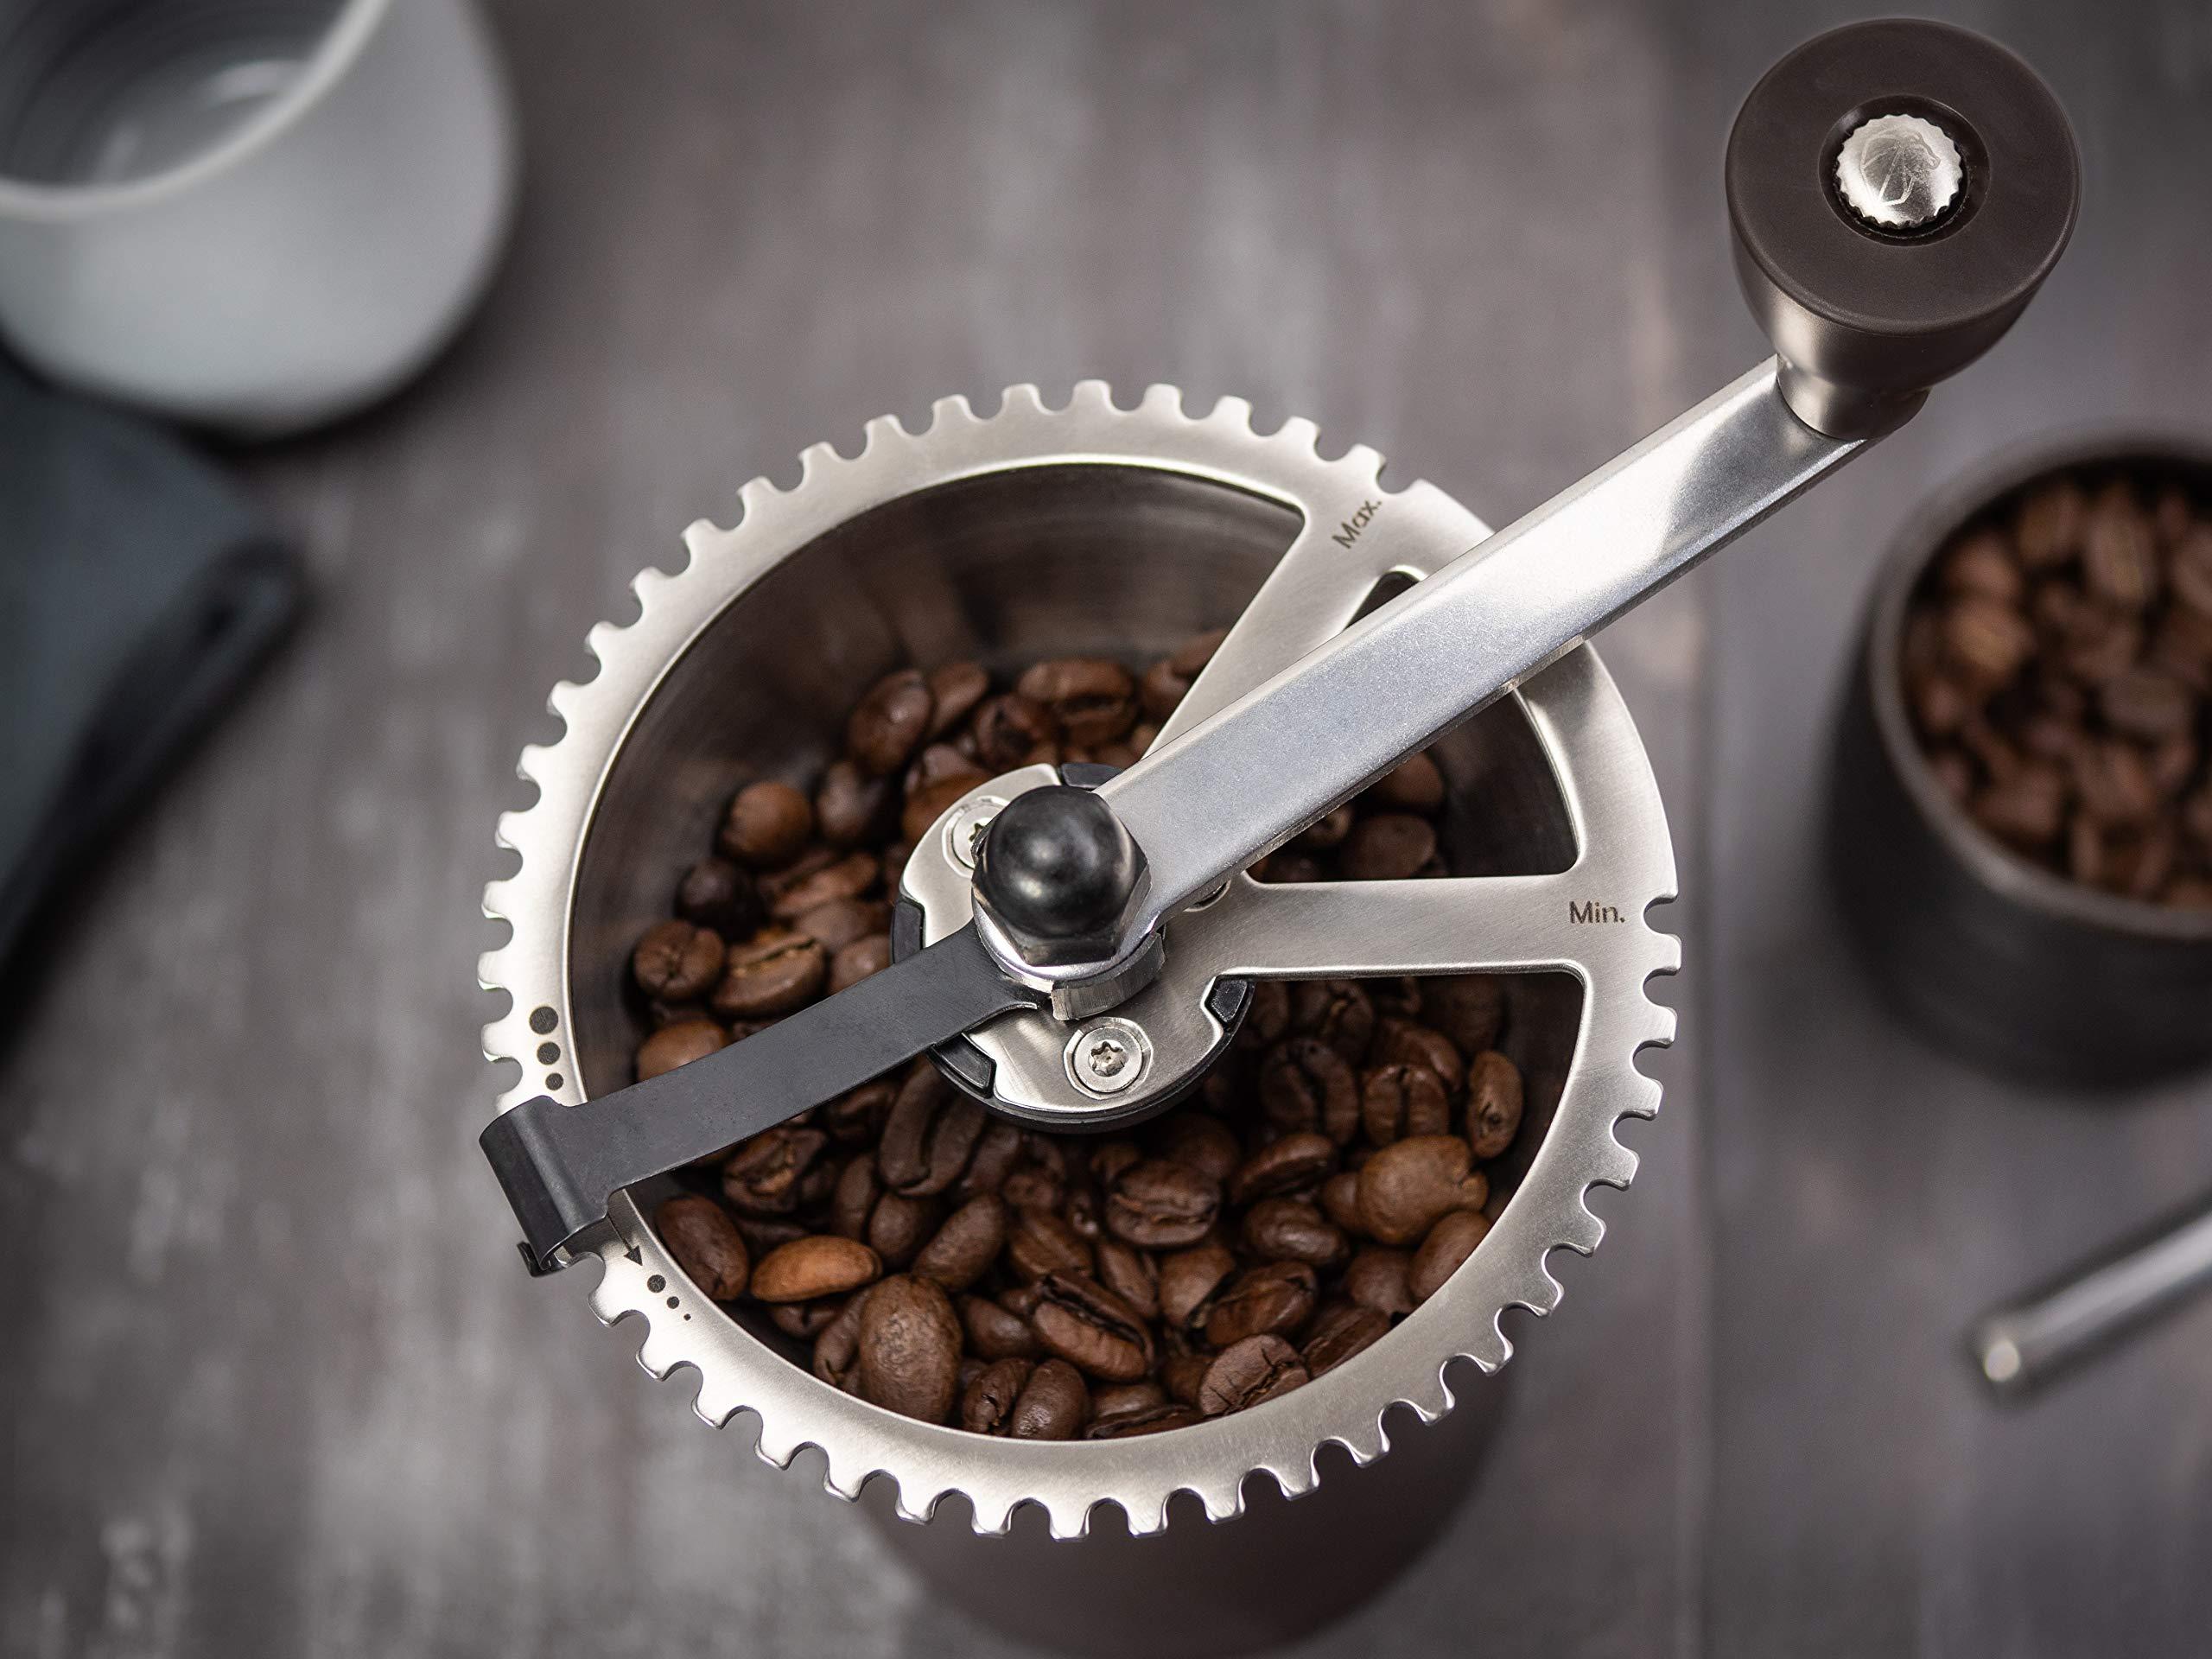 Peugeot KRONOS 35853 Coffee Grinder Wood by Peugeot